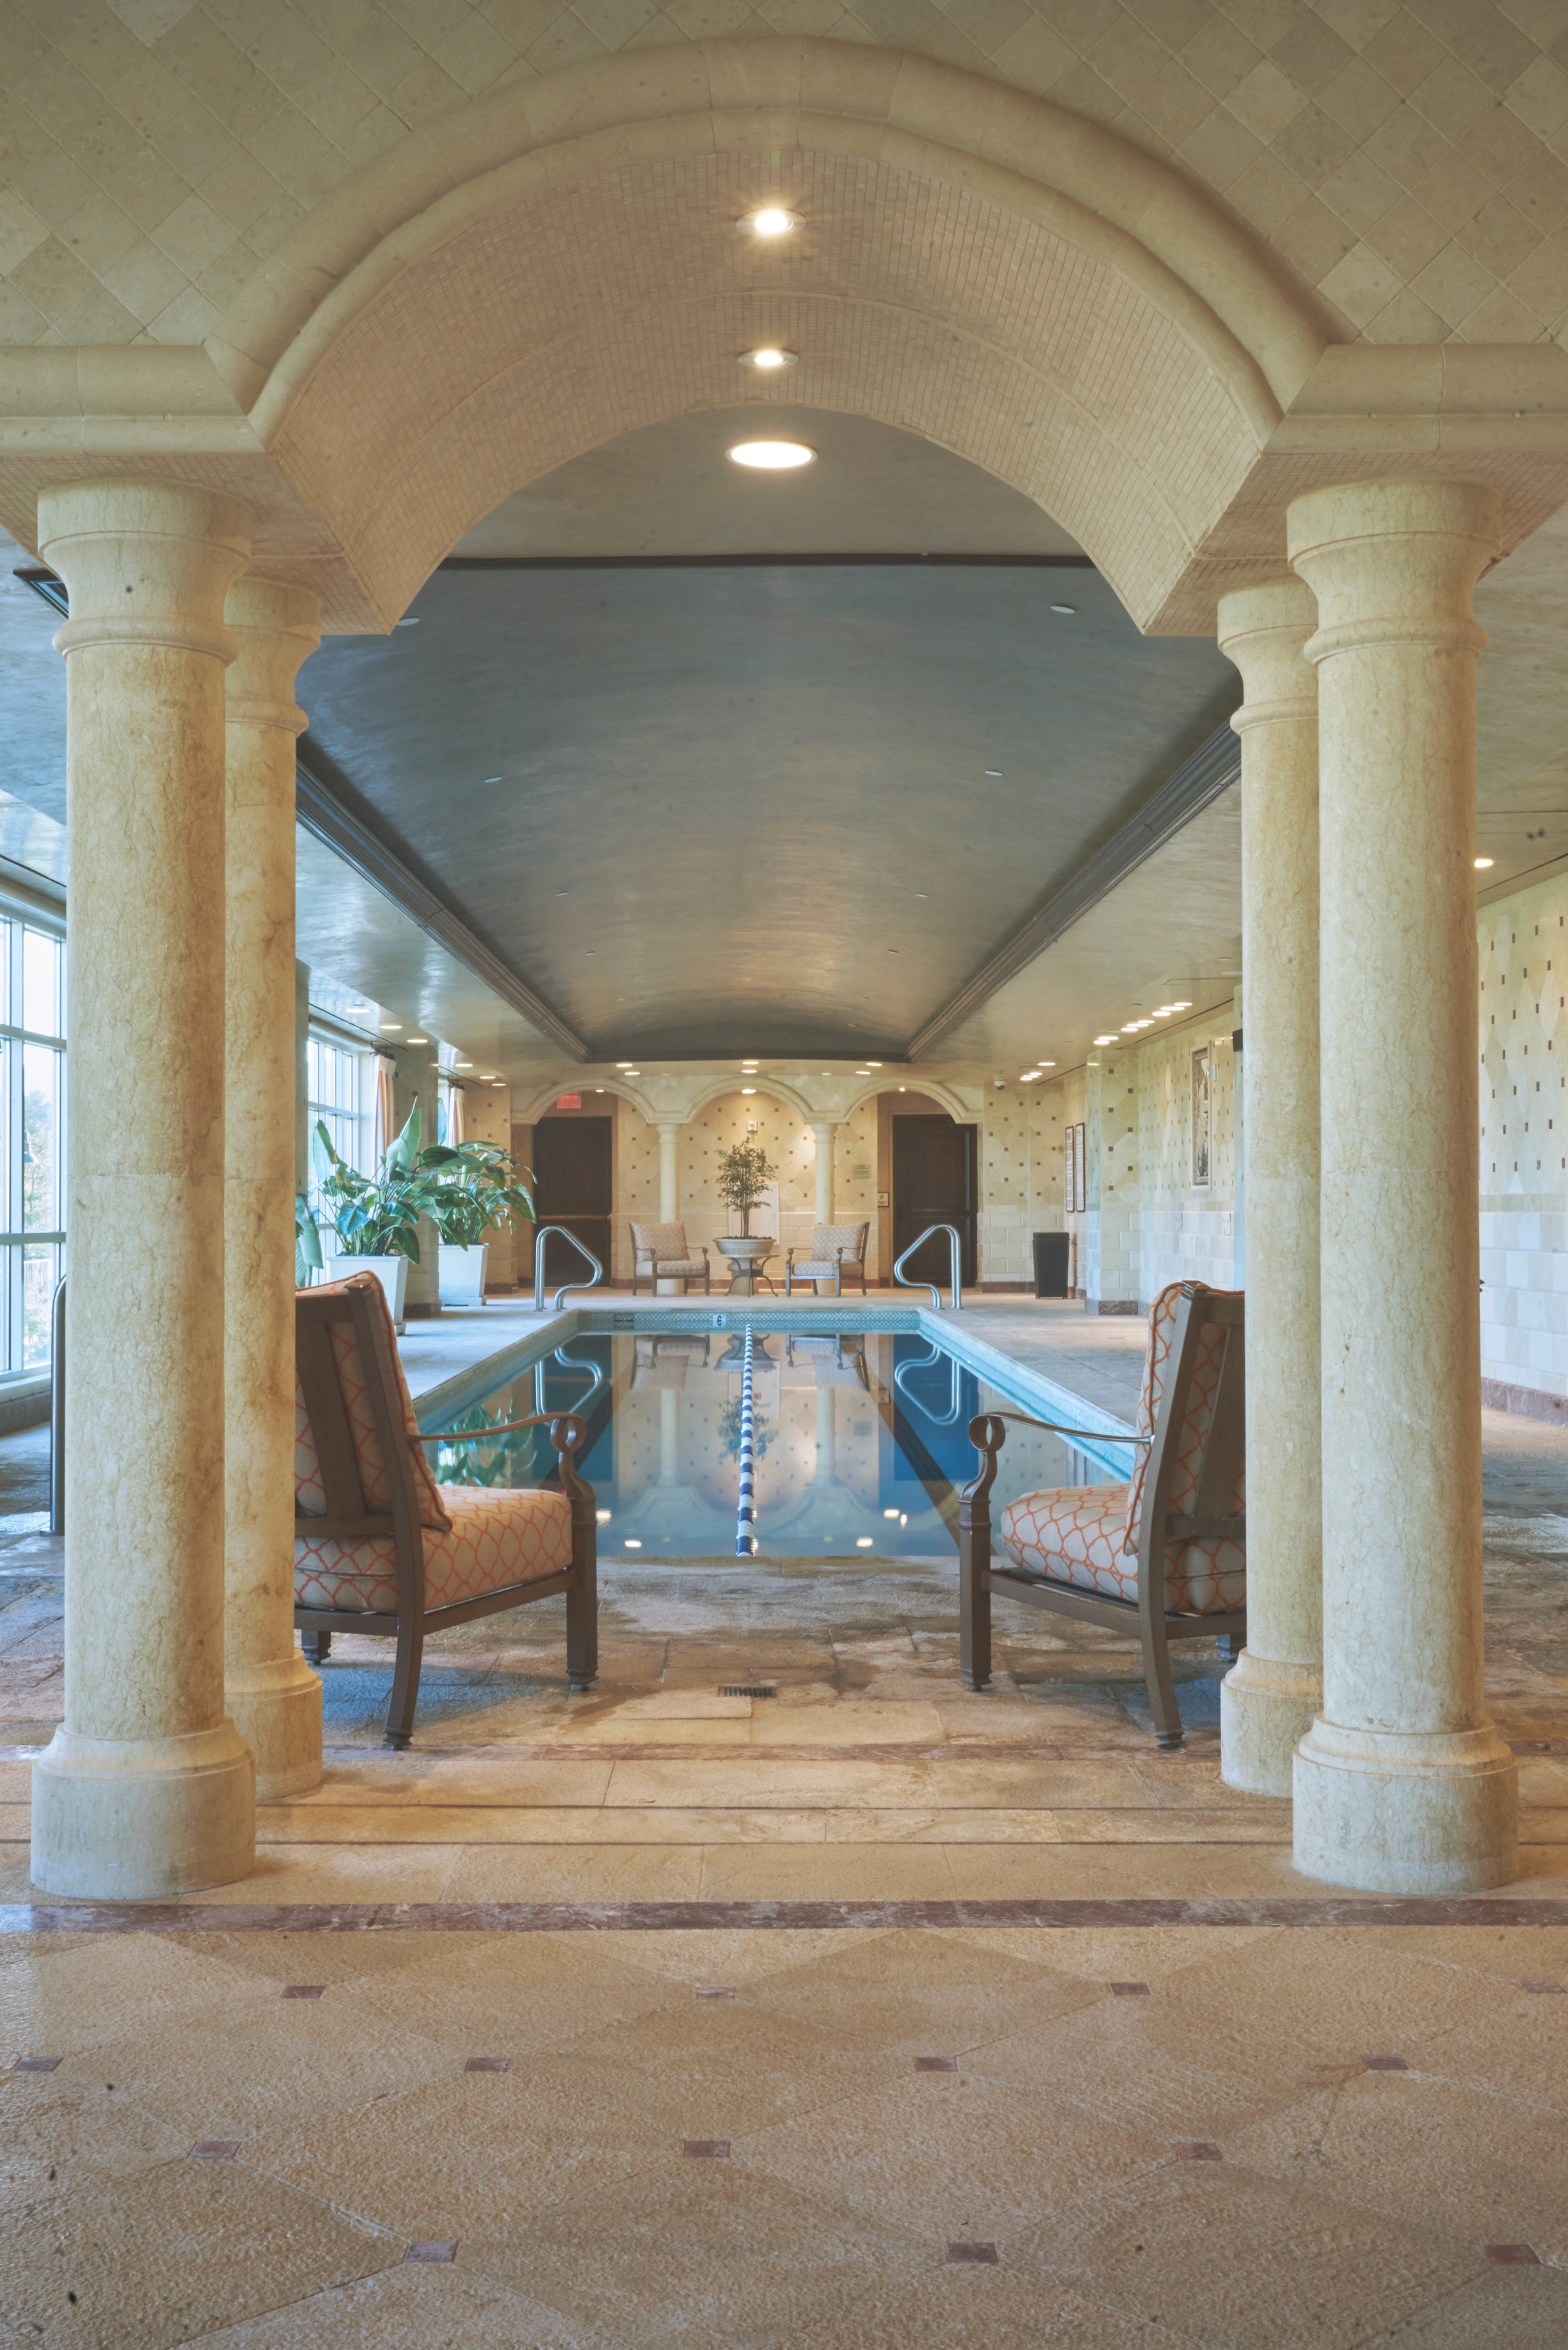 QueensRidge_interior7.jpg